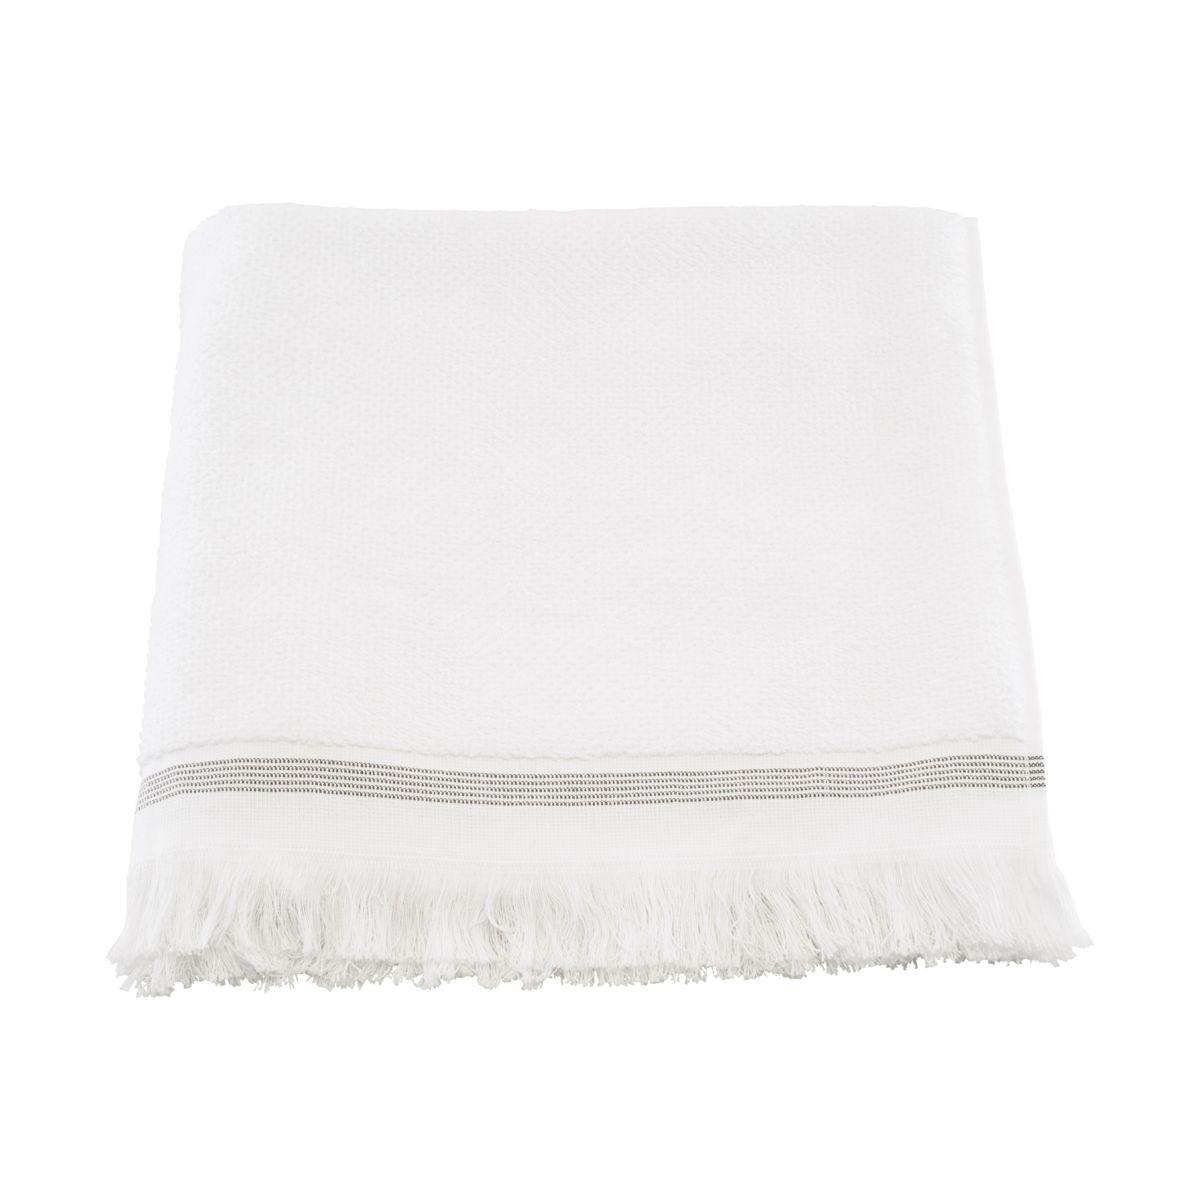 Ručník 70x140 cm bílý s šedými proužky_1